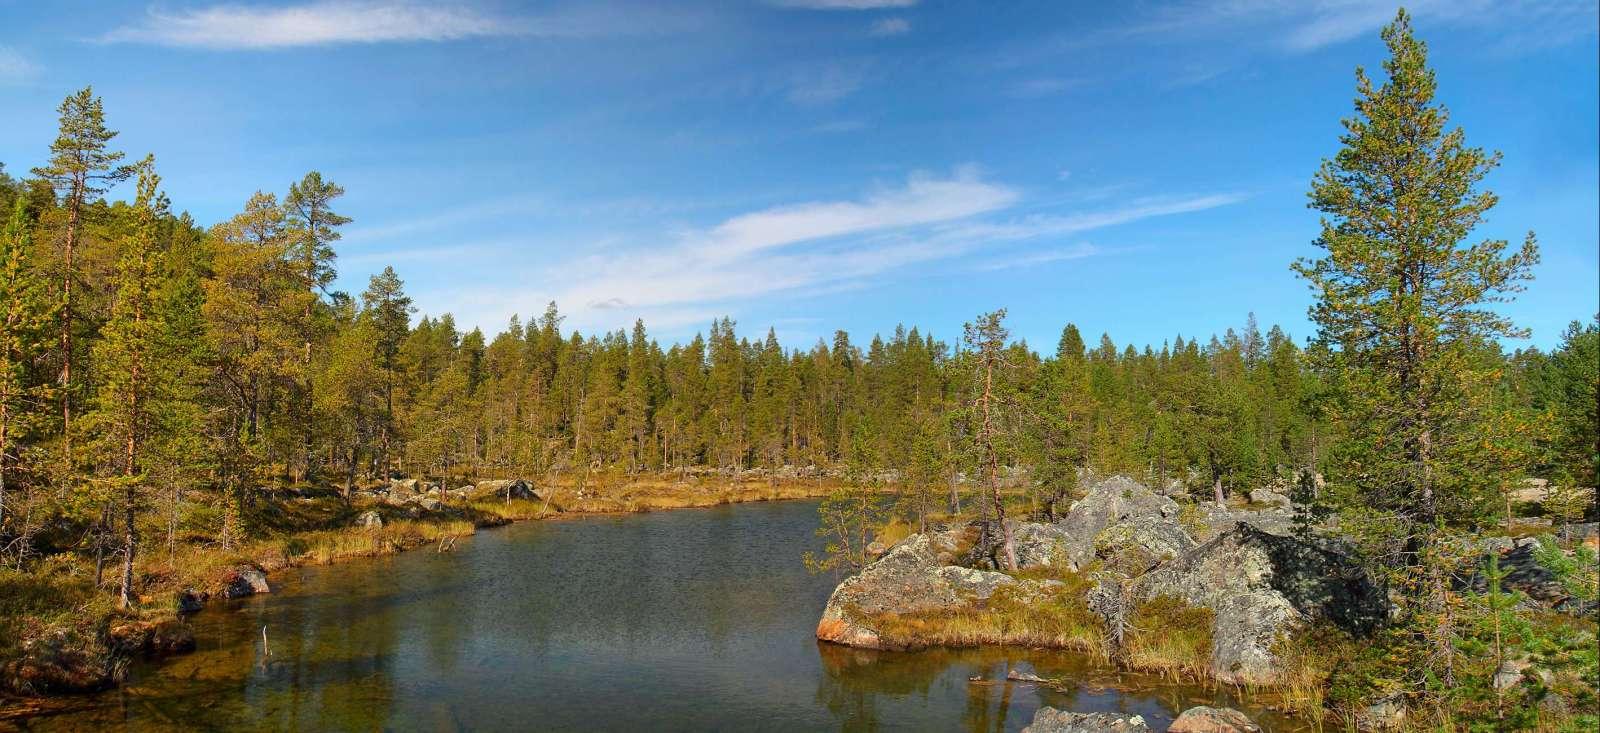 Voyage à pied : Magique Scandinavie de la Laponie au Cap Nord